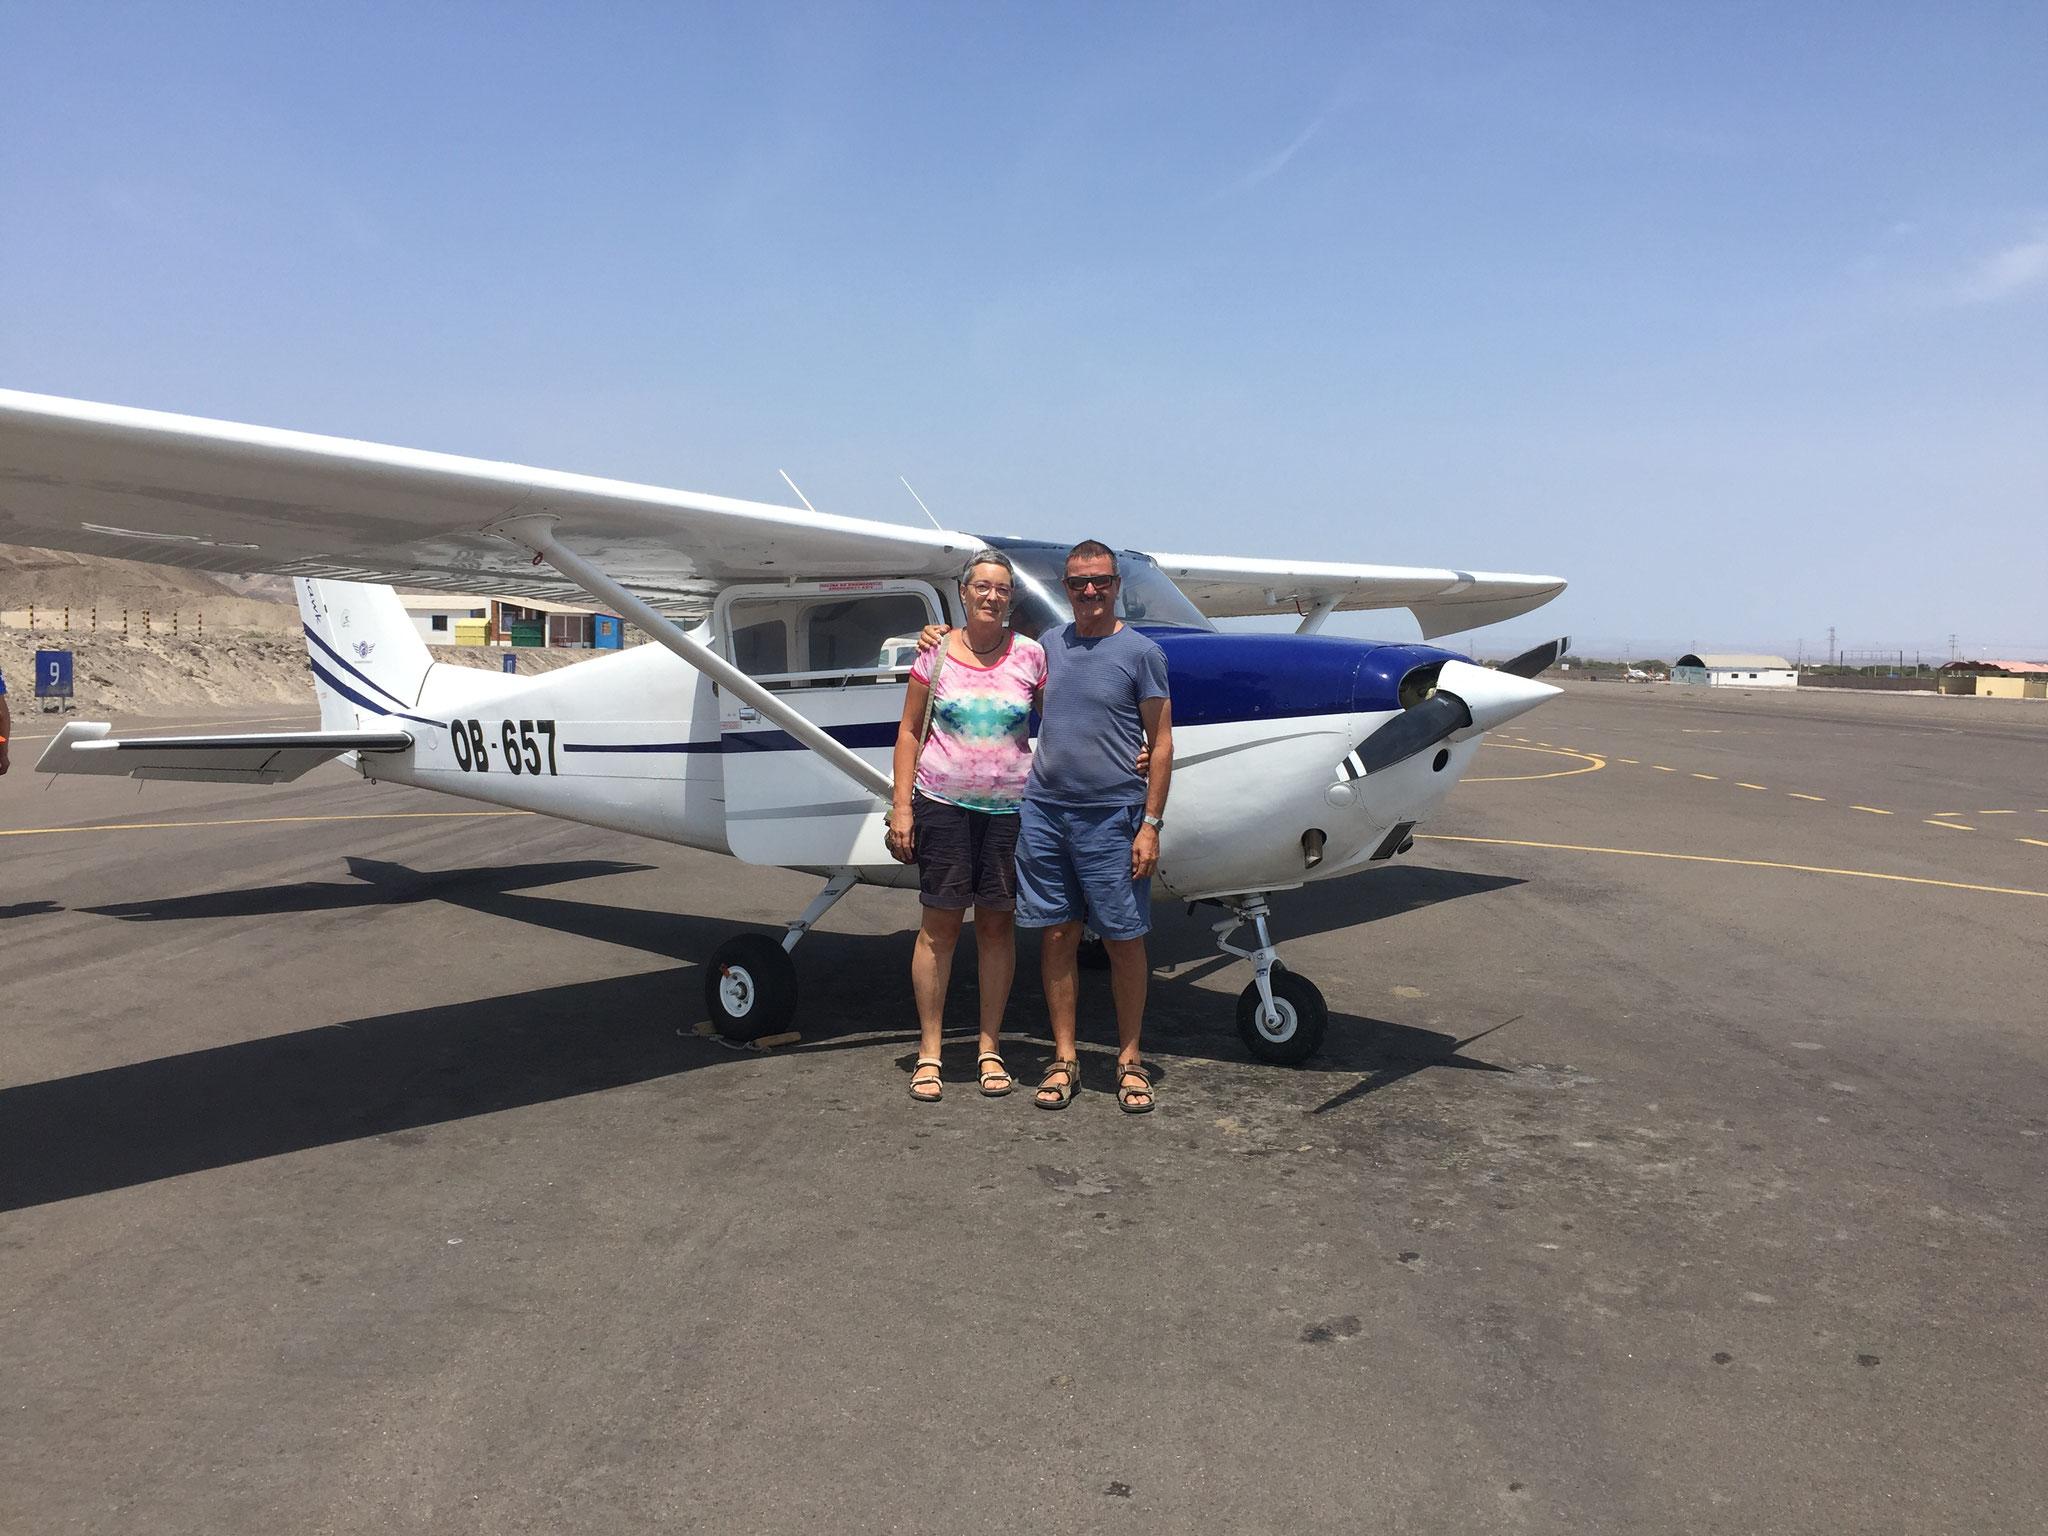 Flug über die Nazcalinien